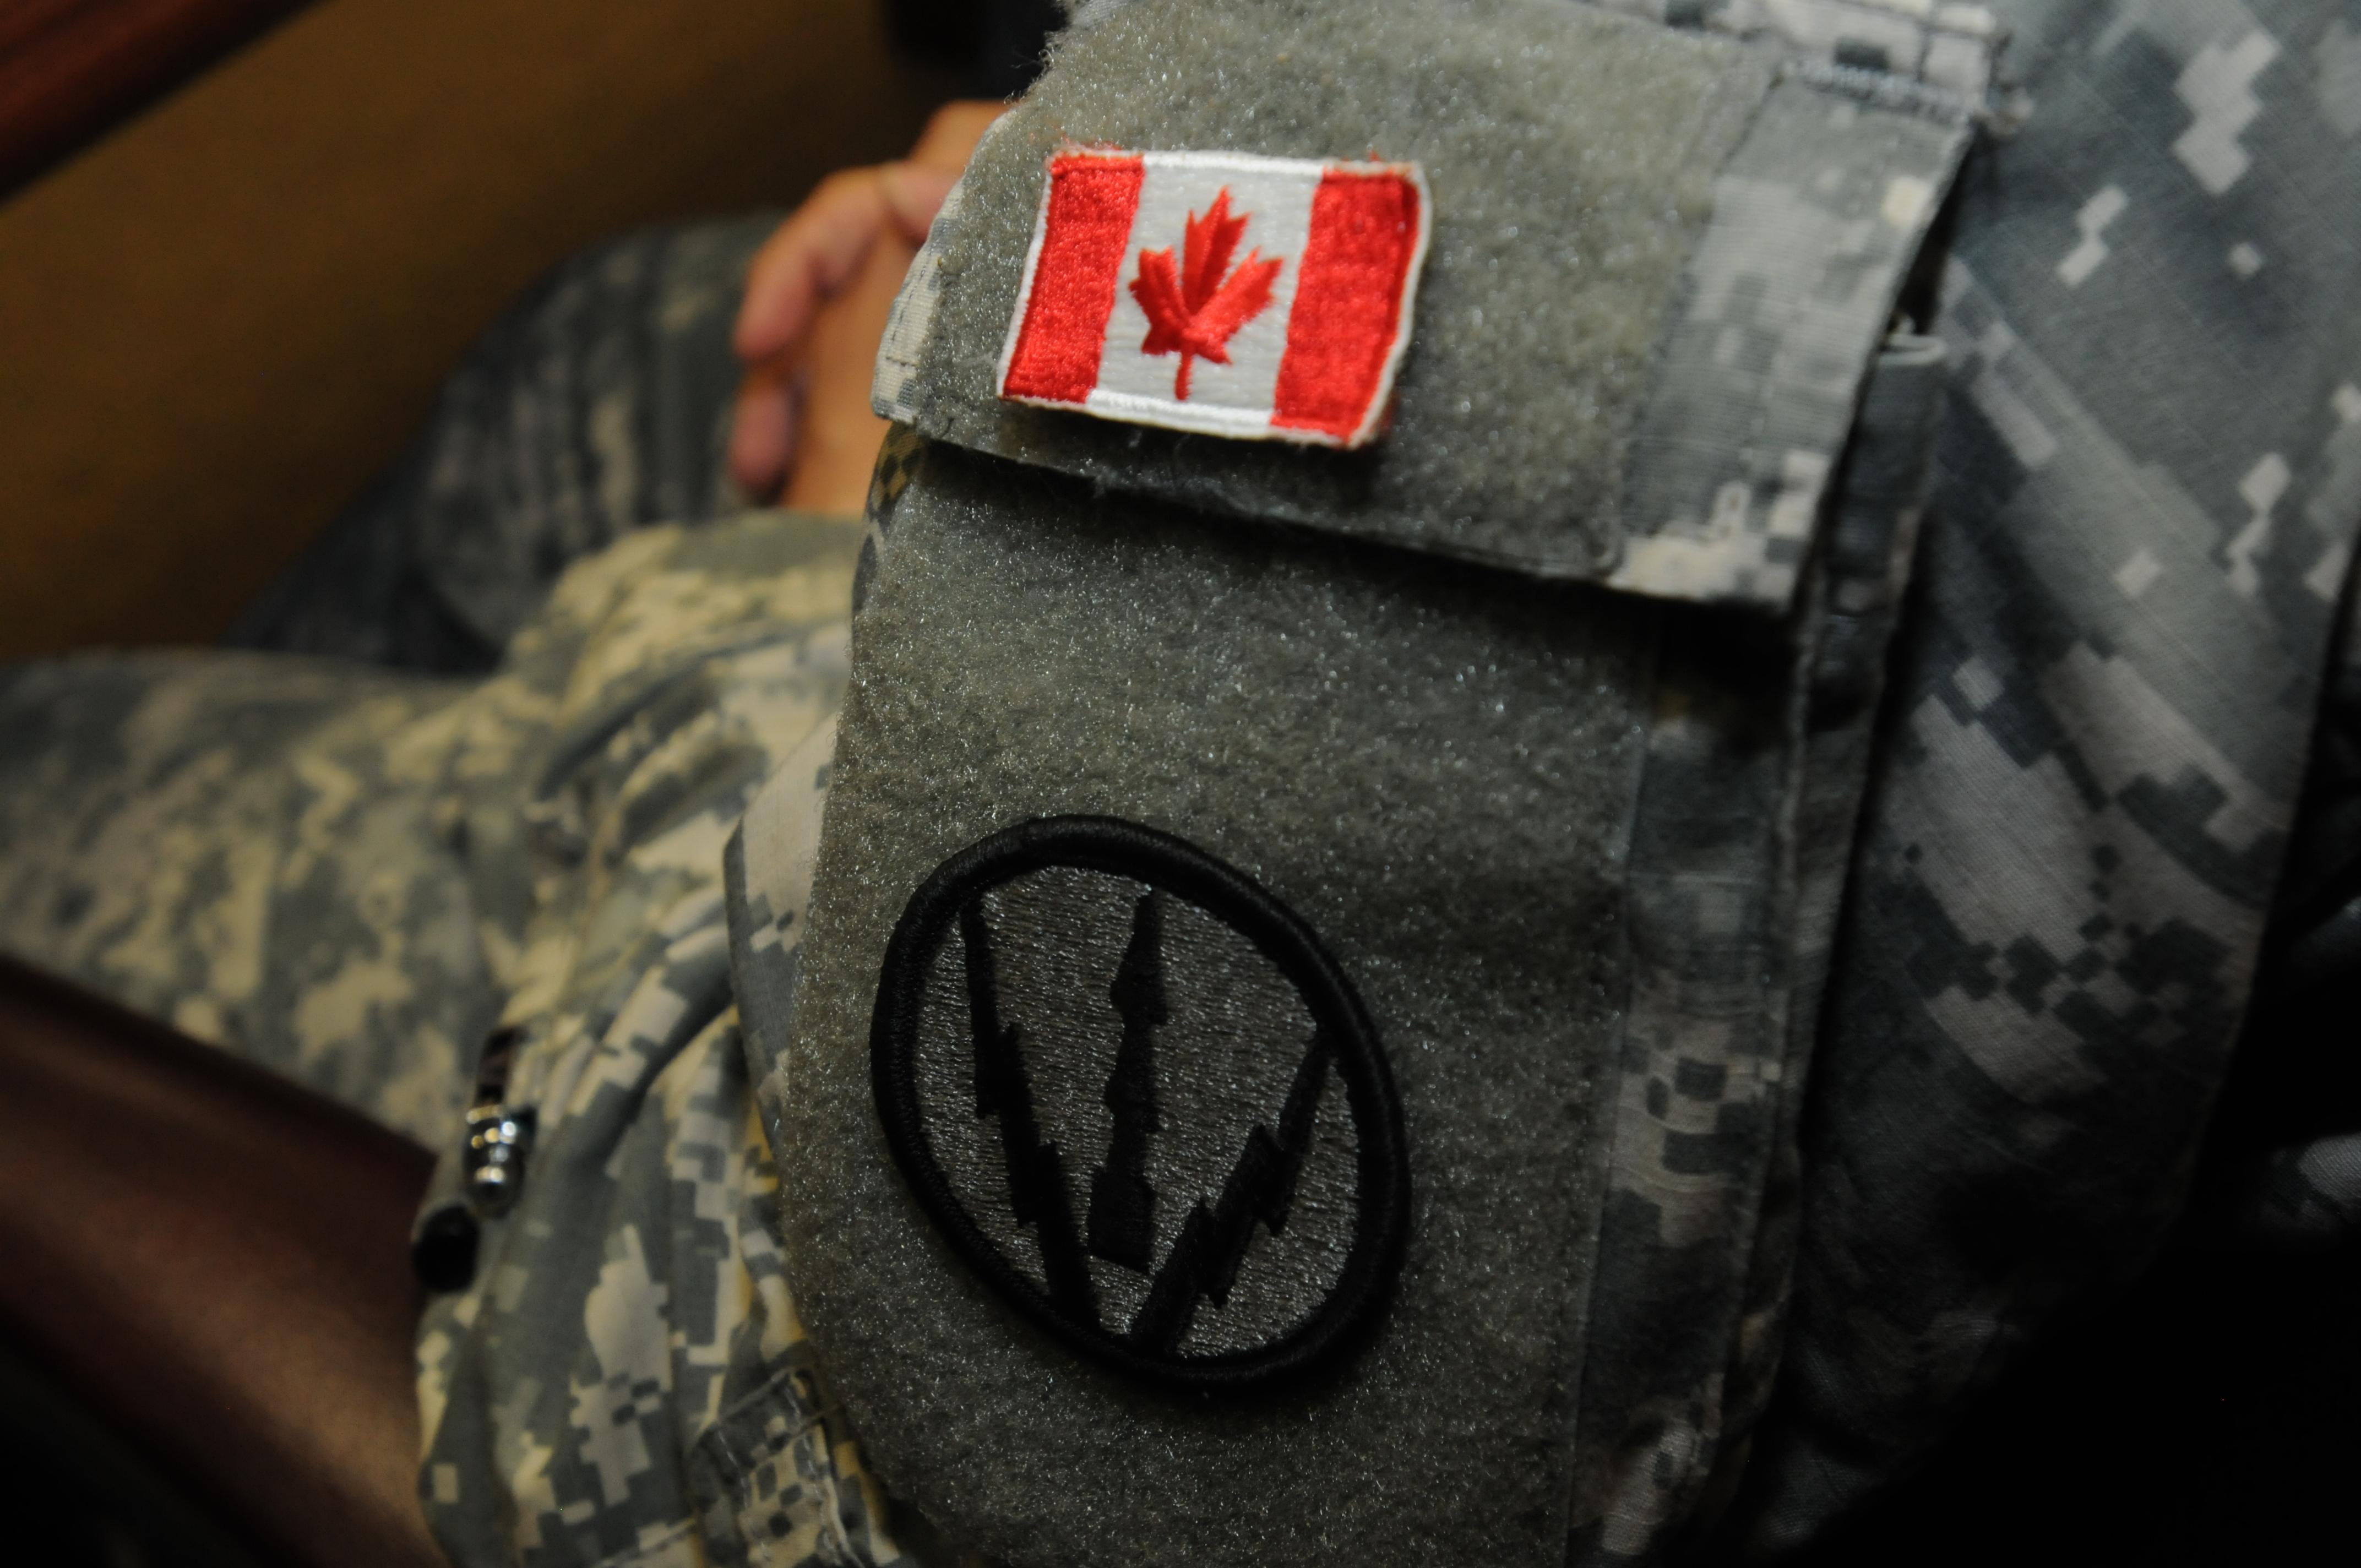 Imigração Canadense - O avanço dos direitos e a aceitação dos gays no Canadá Imigração Canadense - O avanço dos direitos e a aceitação dos gays no Canadá original